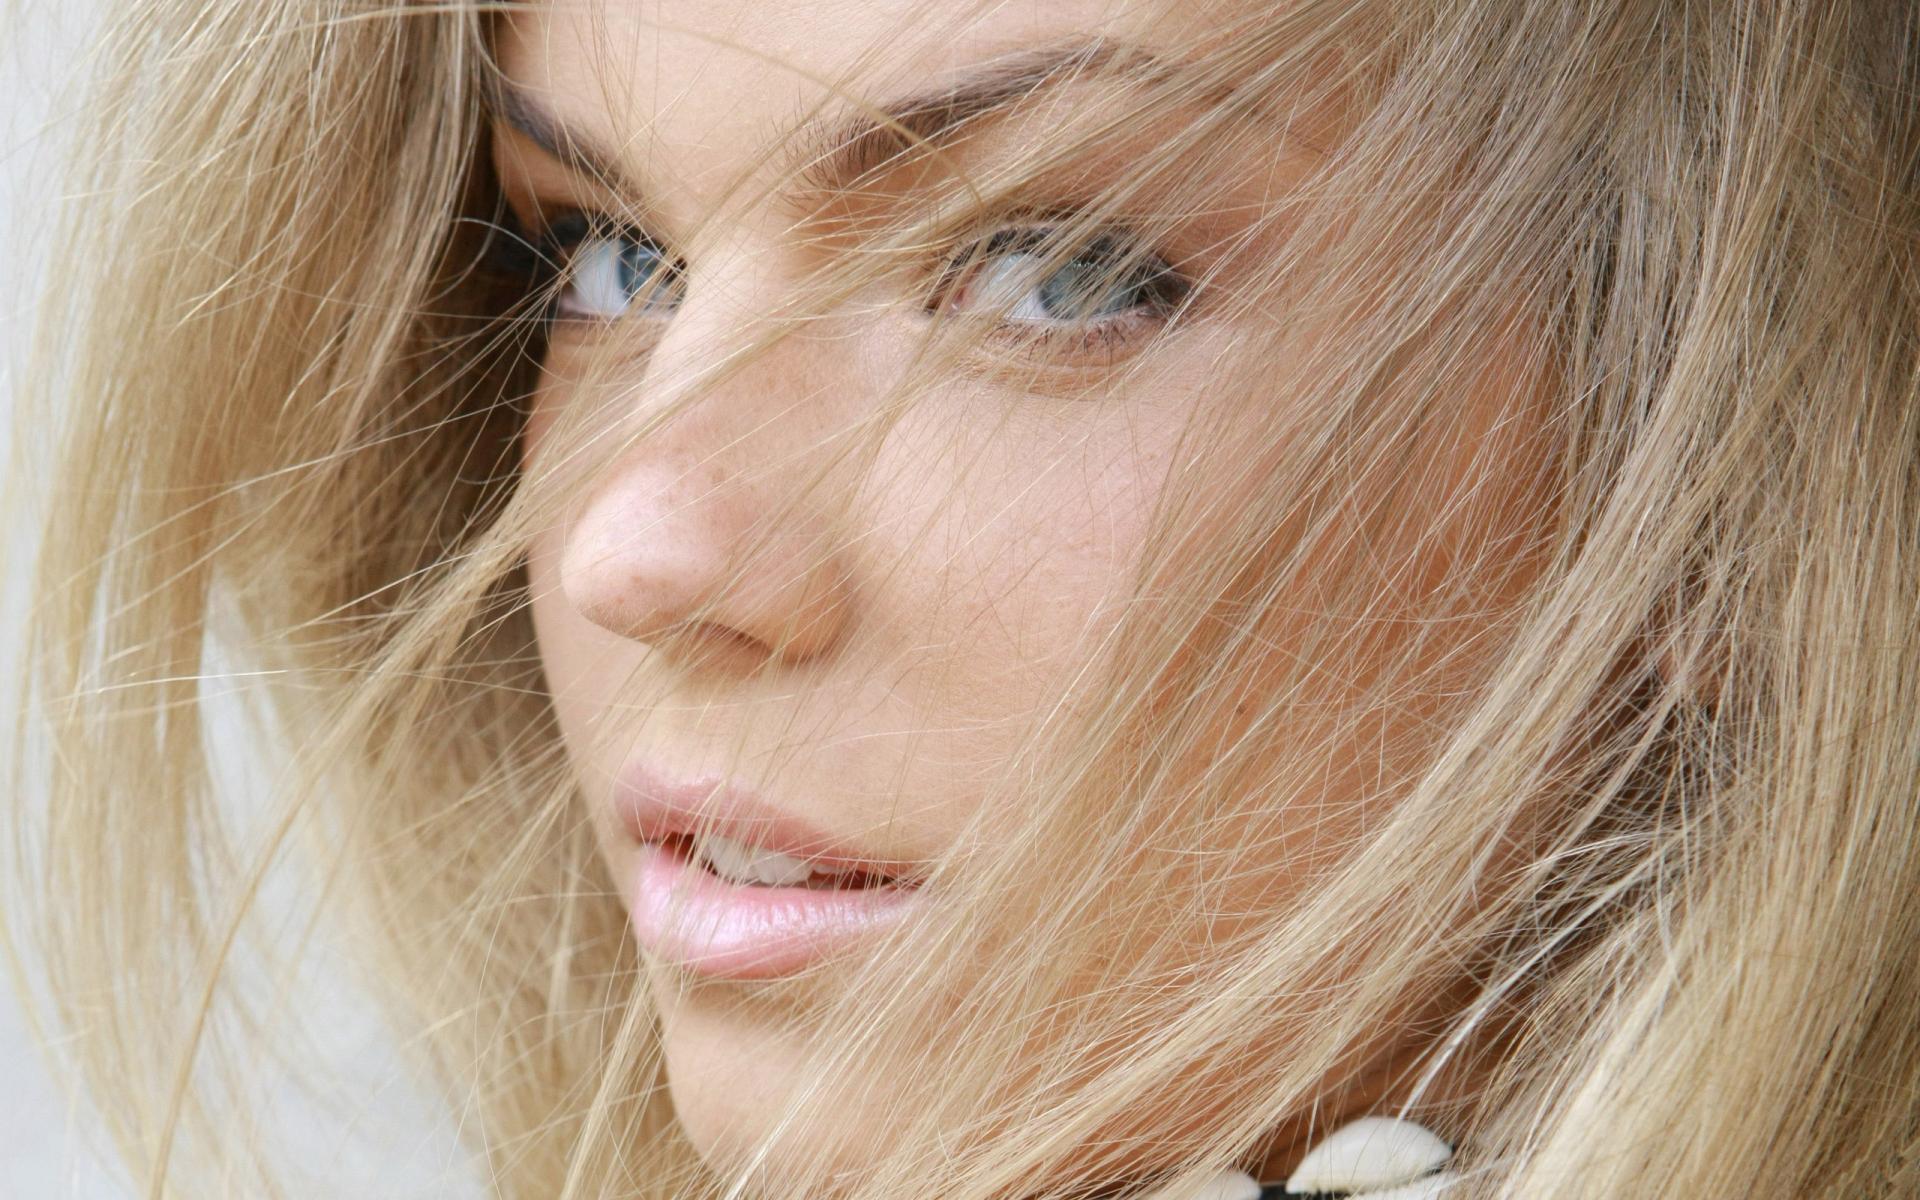 fond-ecran-filles-blondes_19